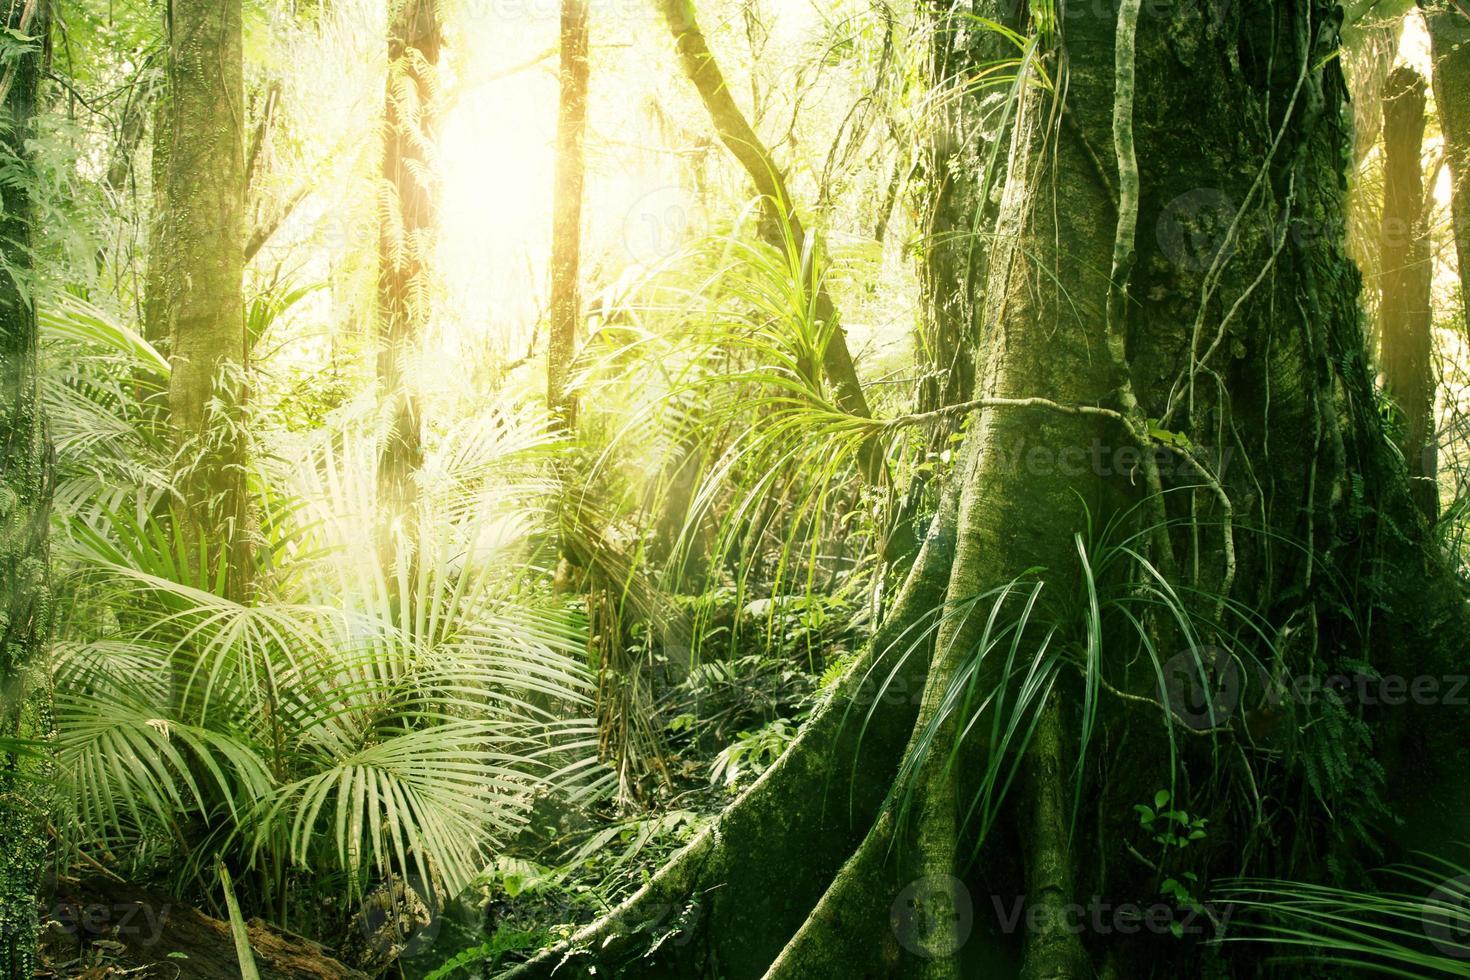 selva tropical foto